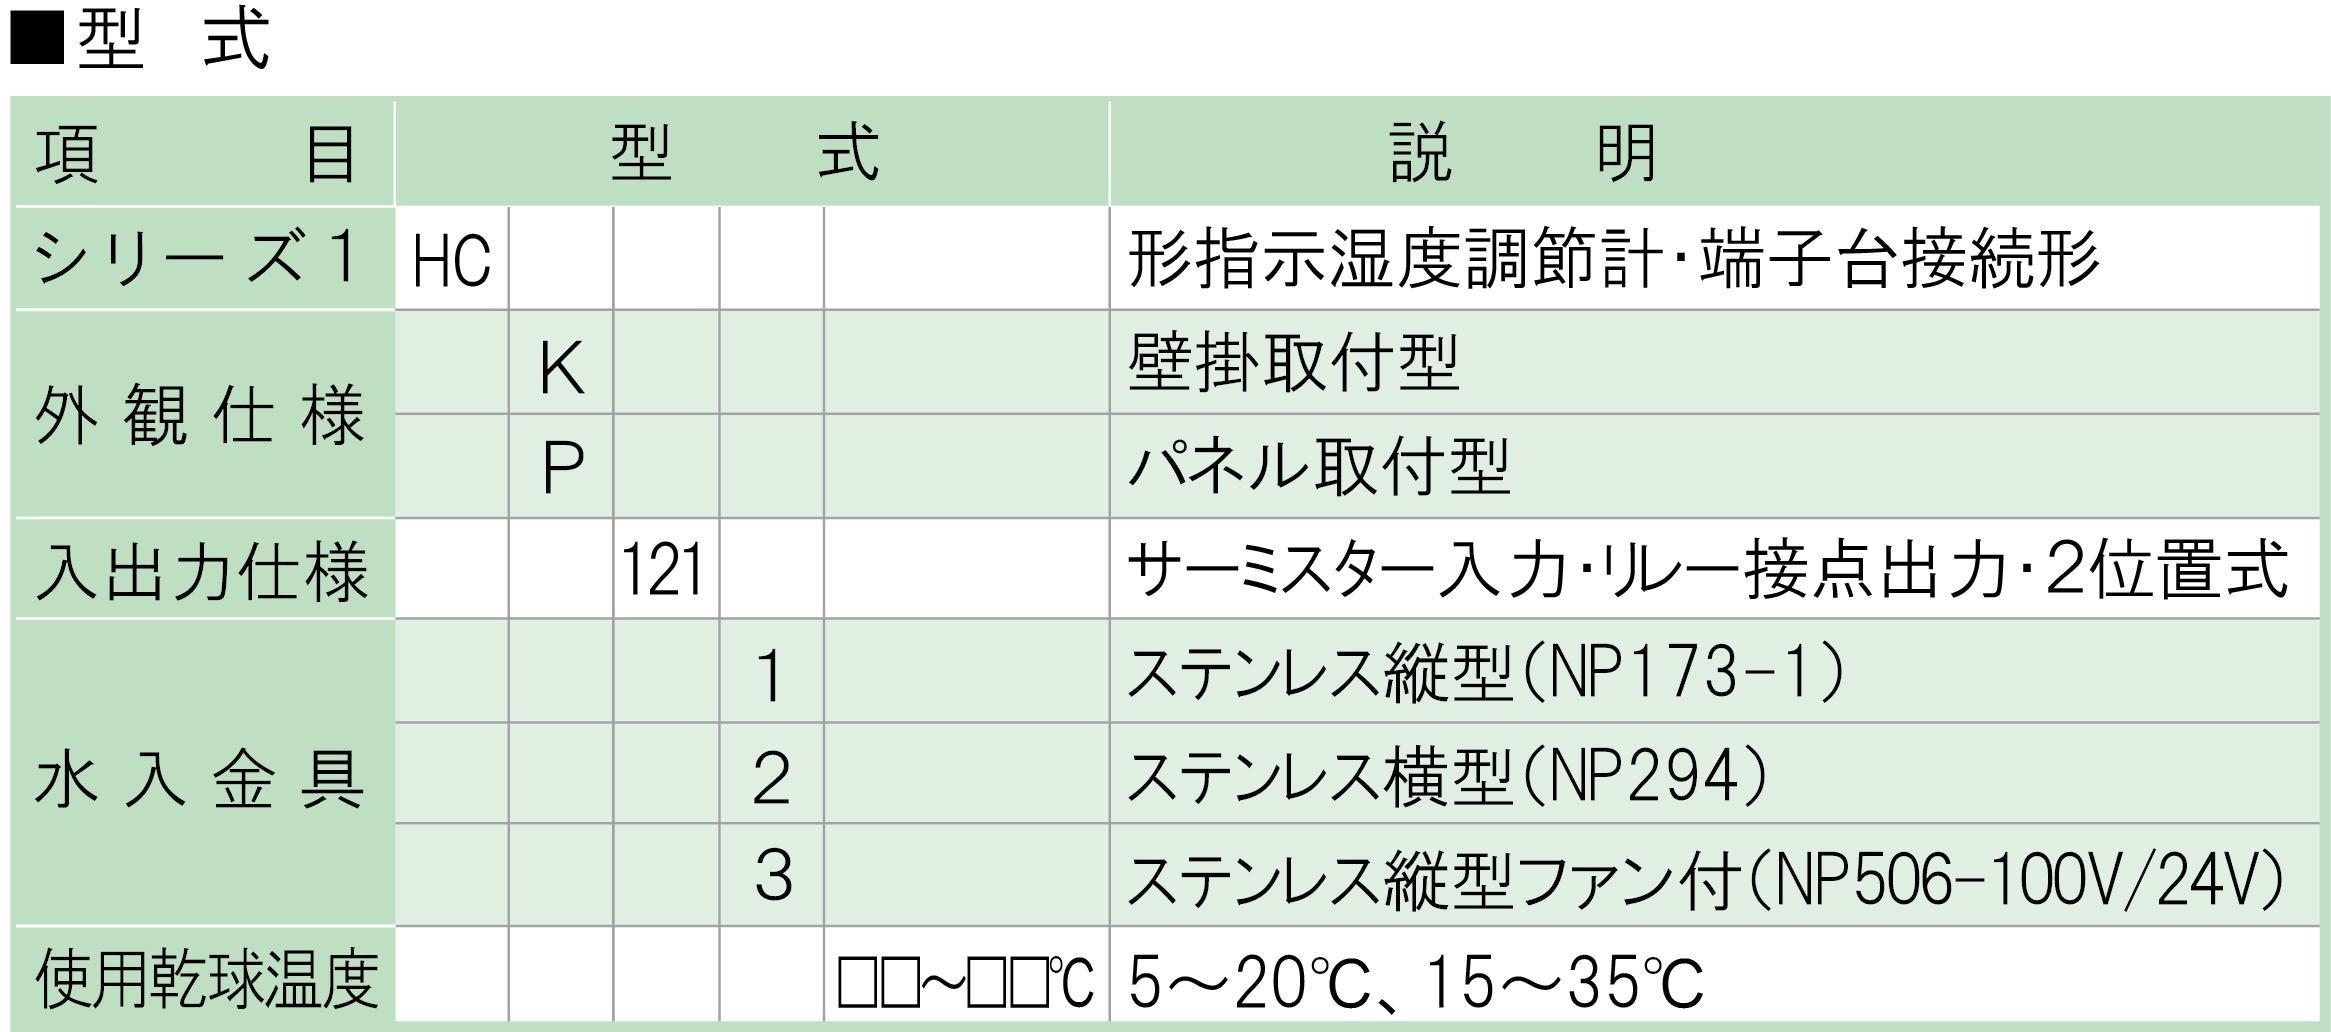 HCPHCK121表